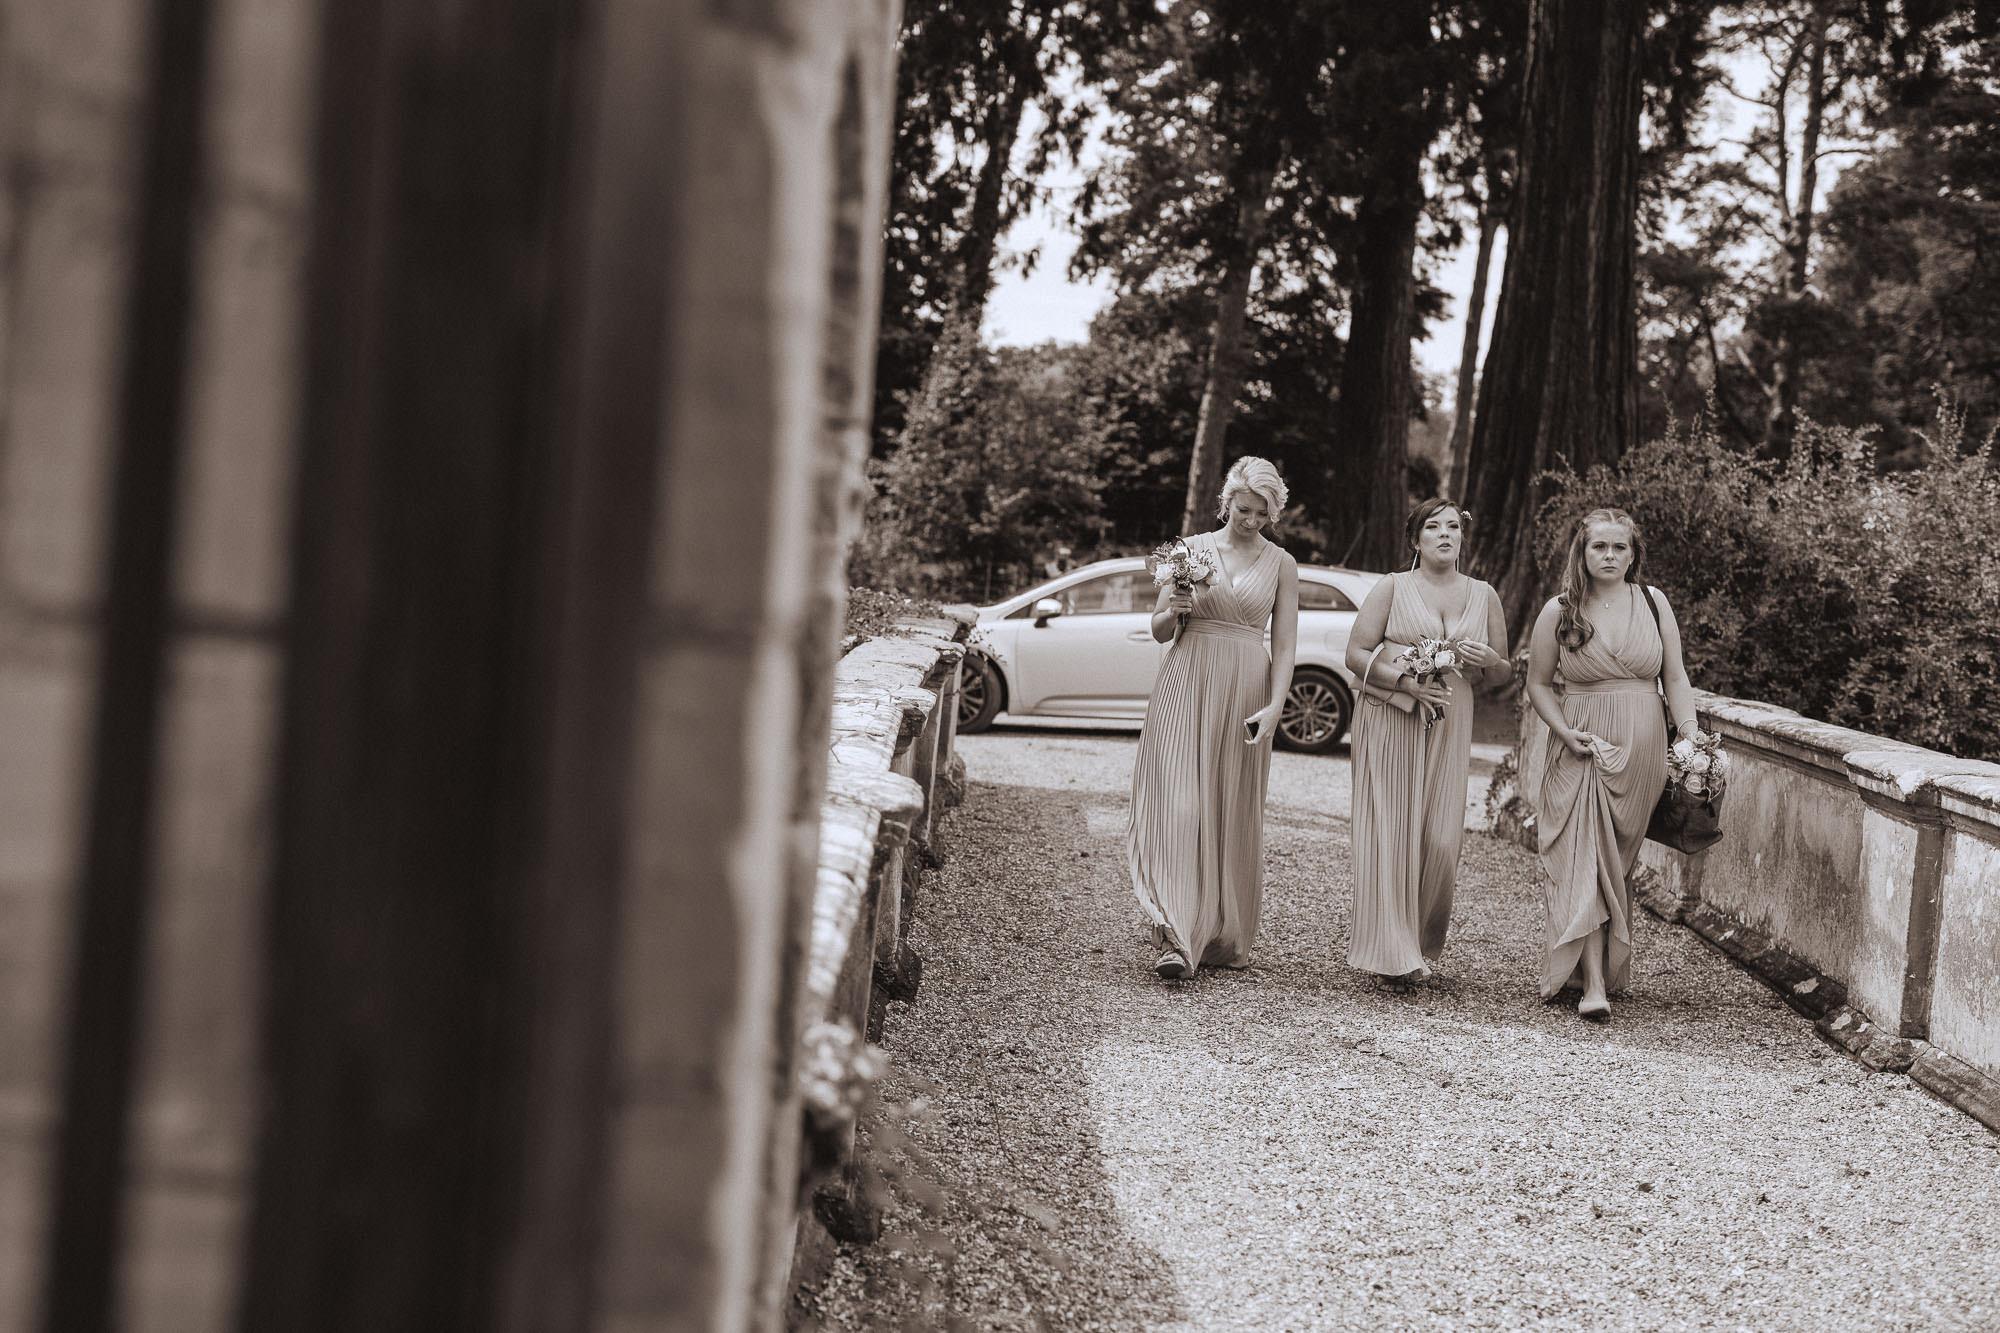 Groombridge-place-wedding-photography-21.jpg